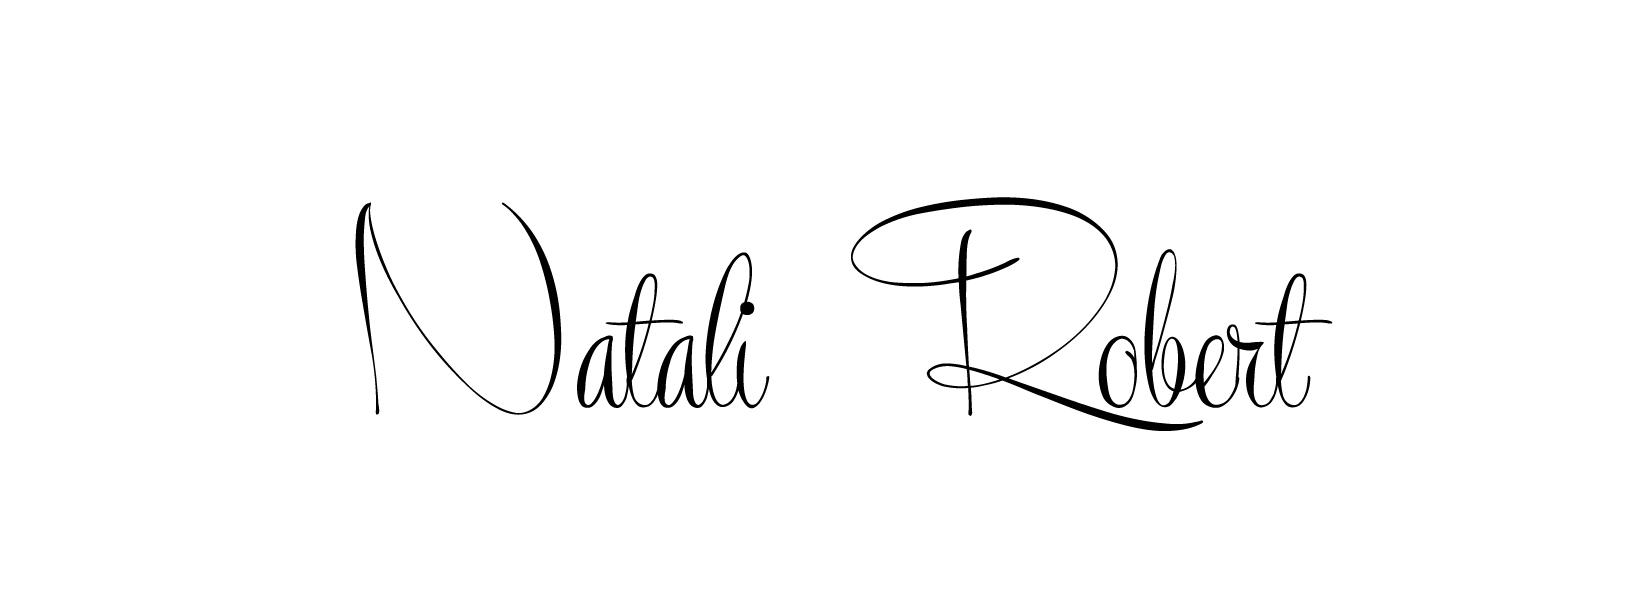 natali's Signature